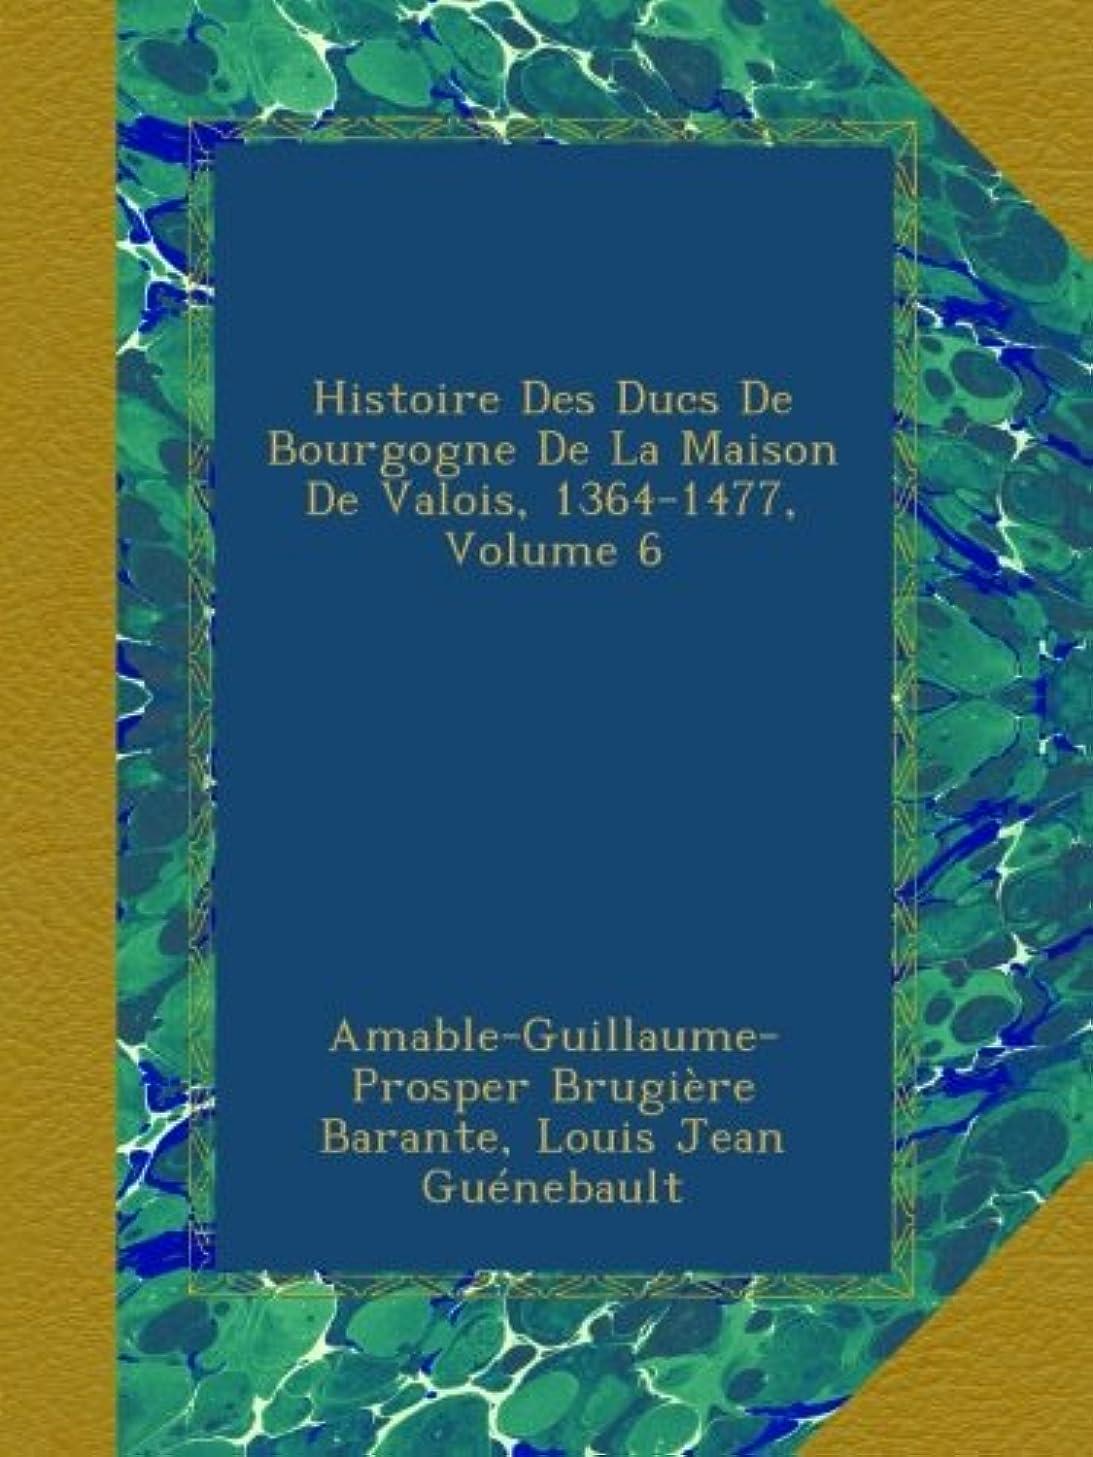 トレーニングフェッチにんじんHistoire Des Ducs De Bourgogne De La Maison De Valois, 1364-1477, Volume 6